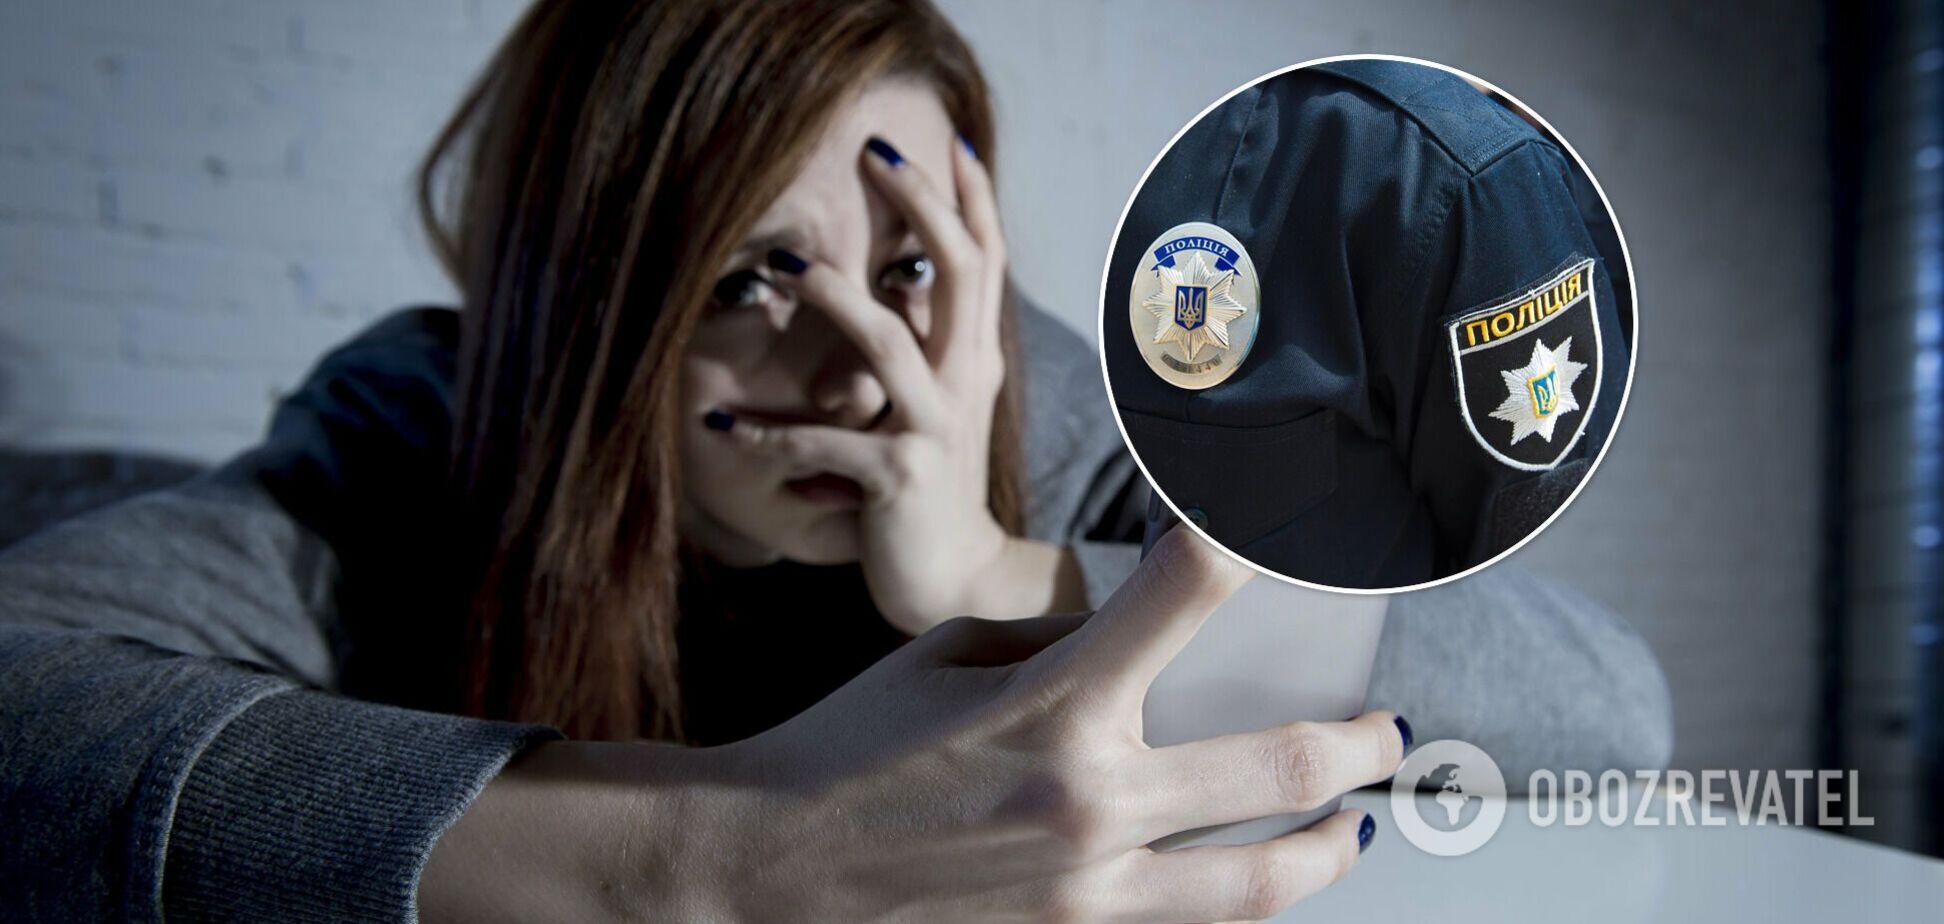 Шукай собі охоронця: на Запоріжжі 38-річний сусід тероризує 11-класницю. Фото 18+